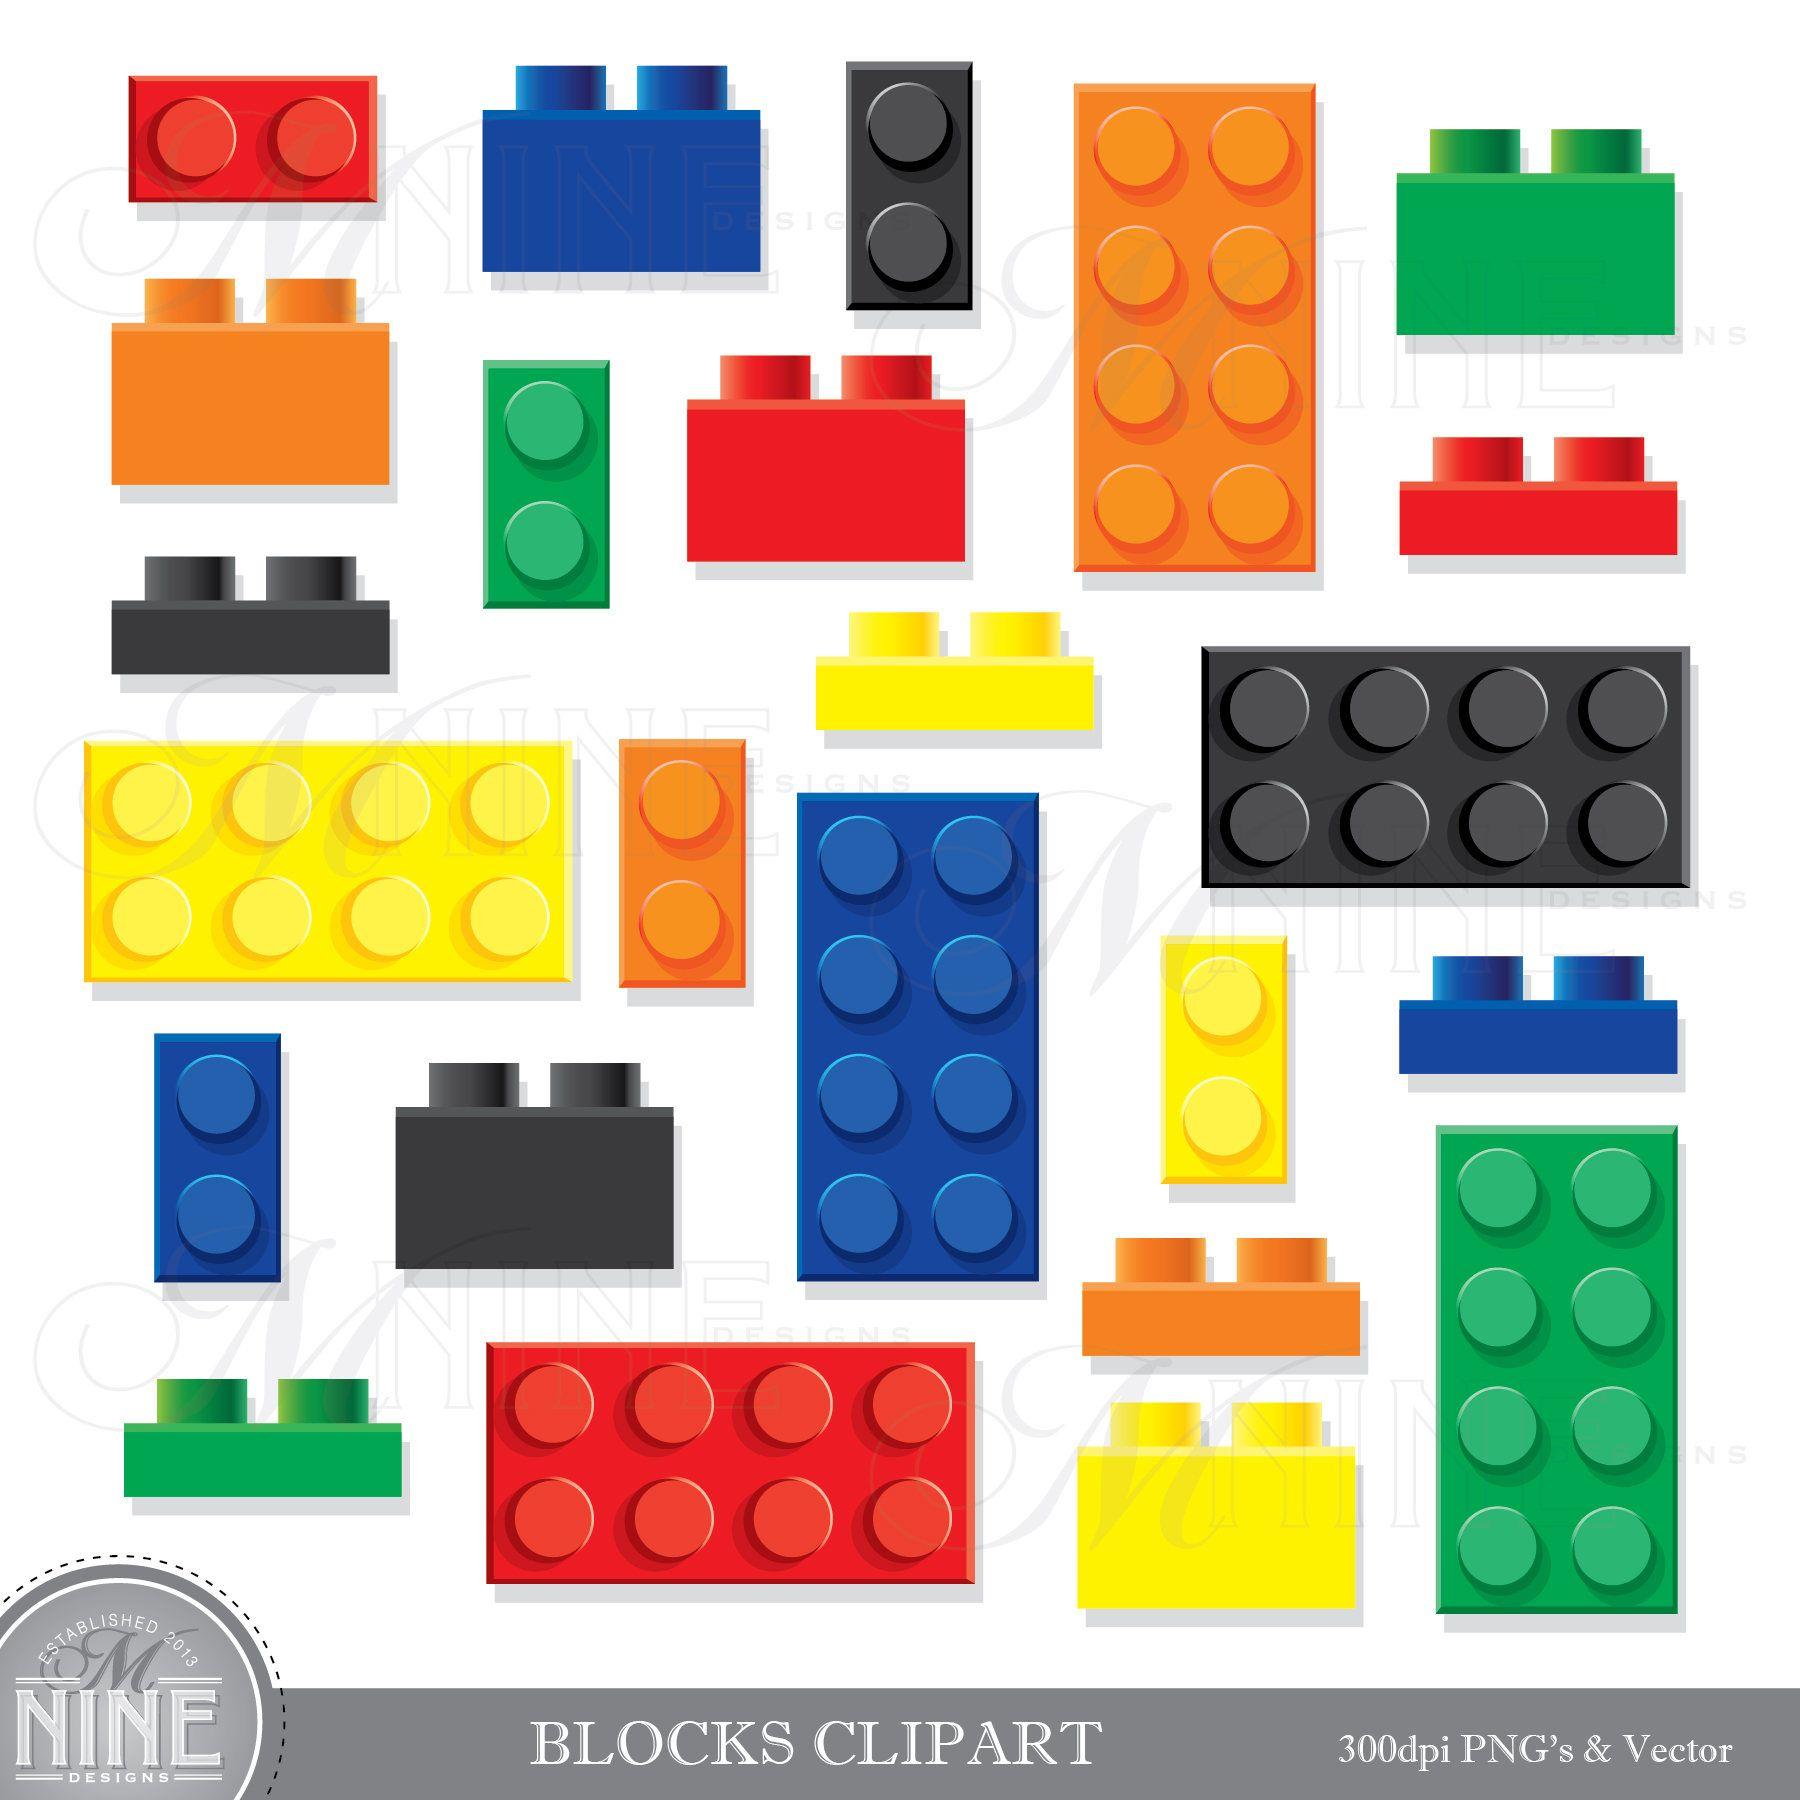 Legos clipart set. Building blocks clip art